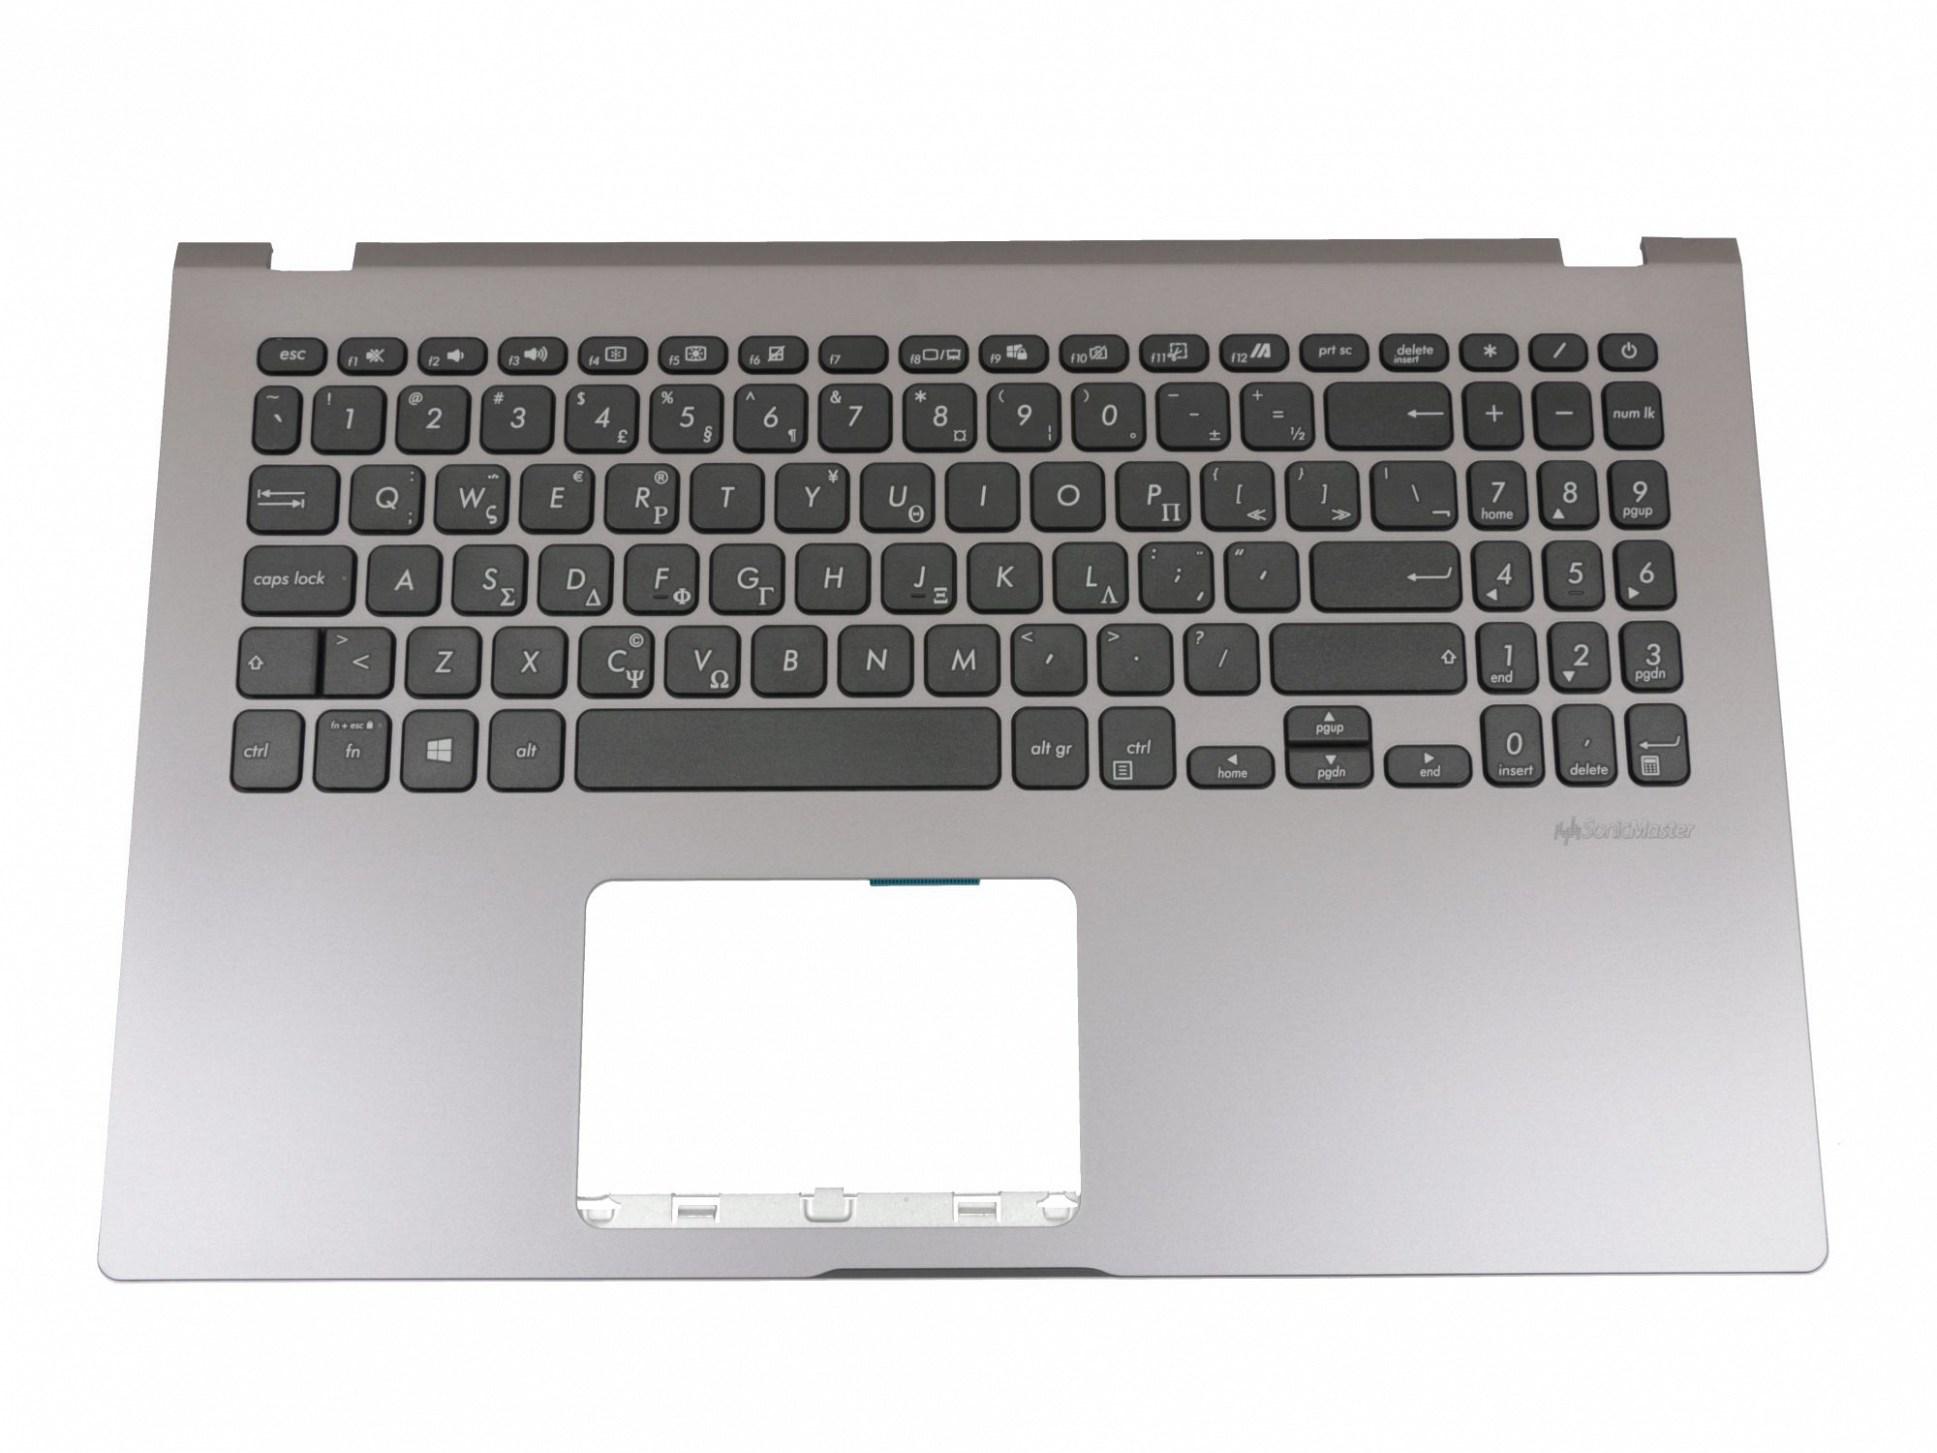 TAX50G Tastatur inkl. Topcase GR (griechisch) schwarz/grau Original